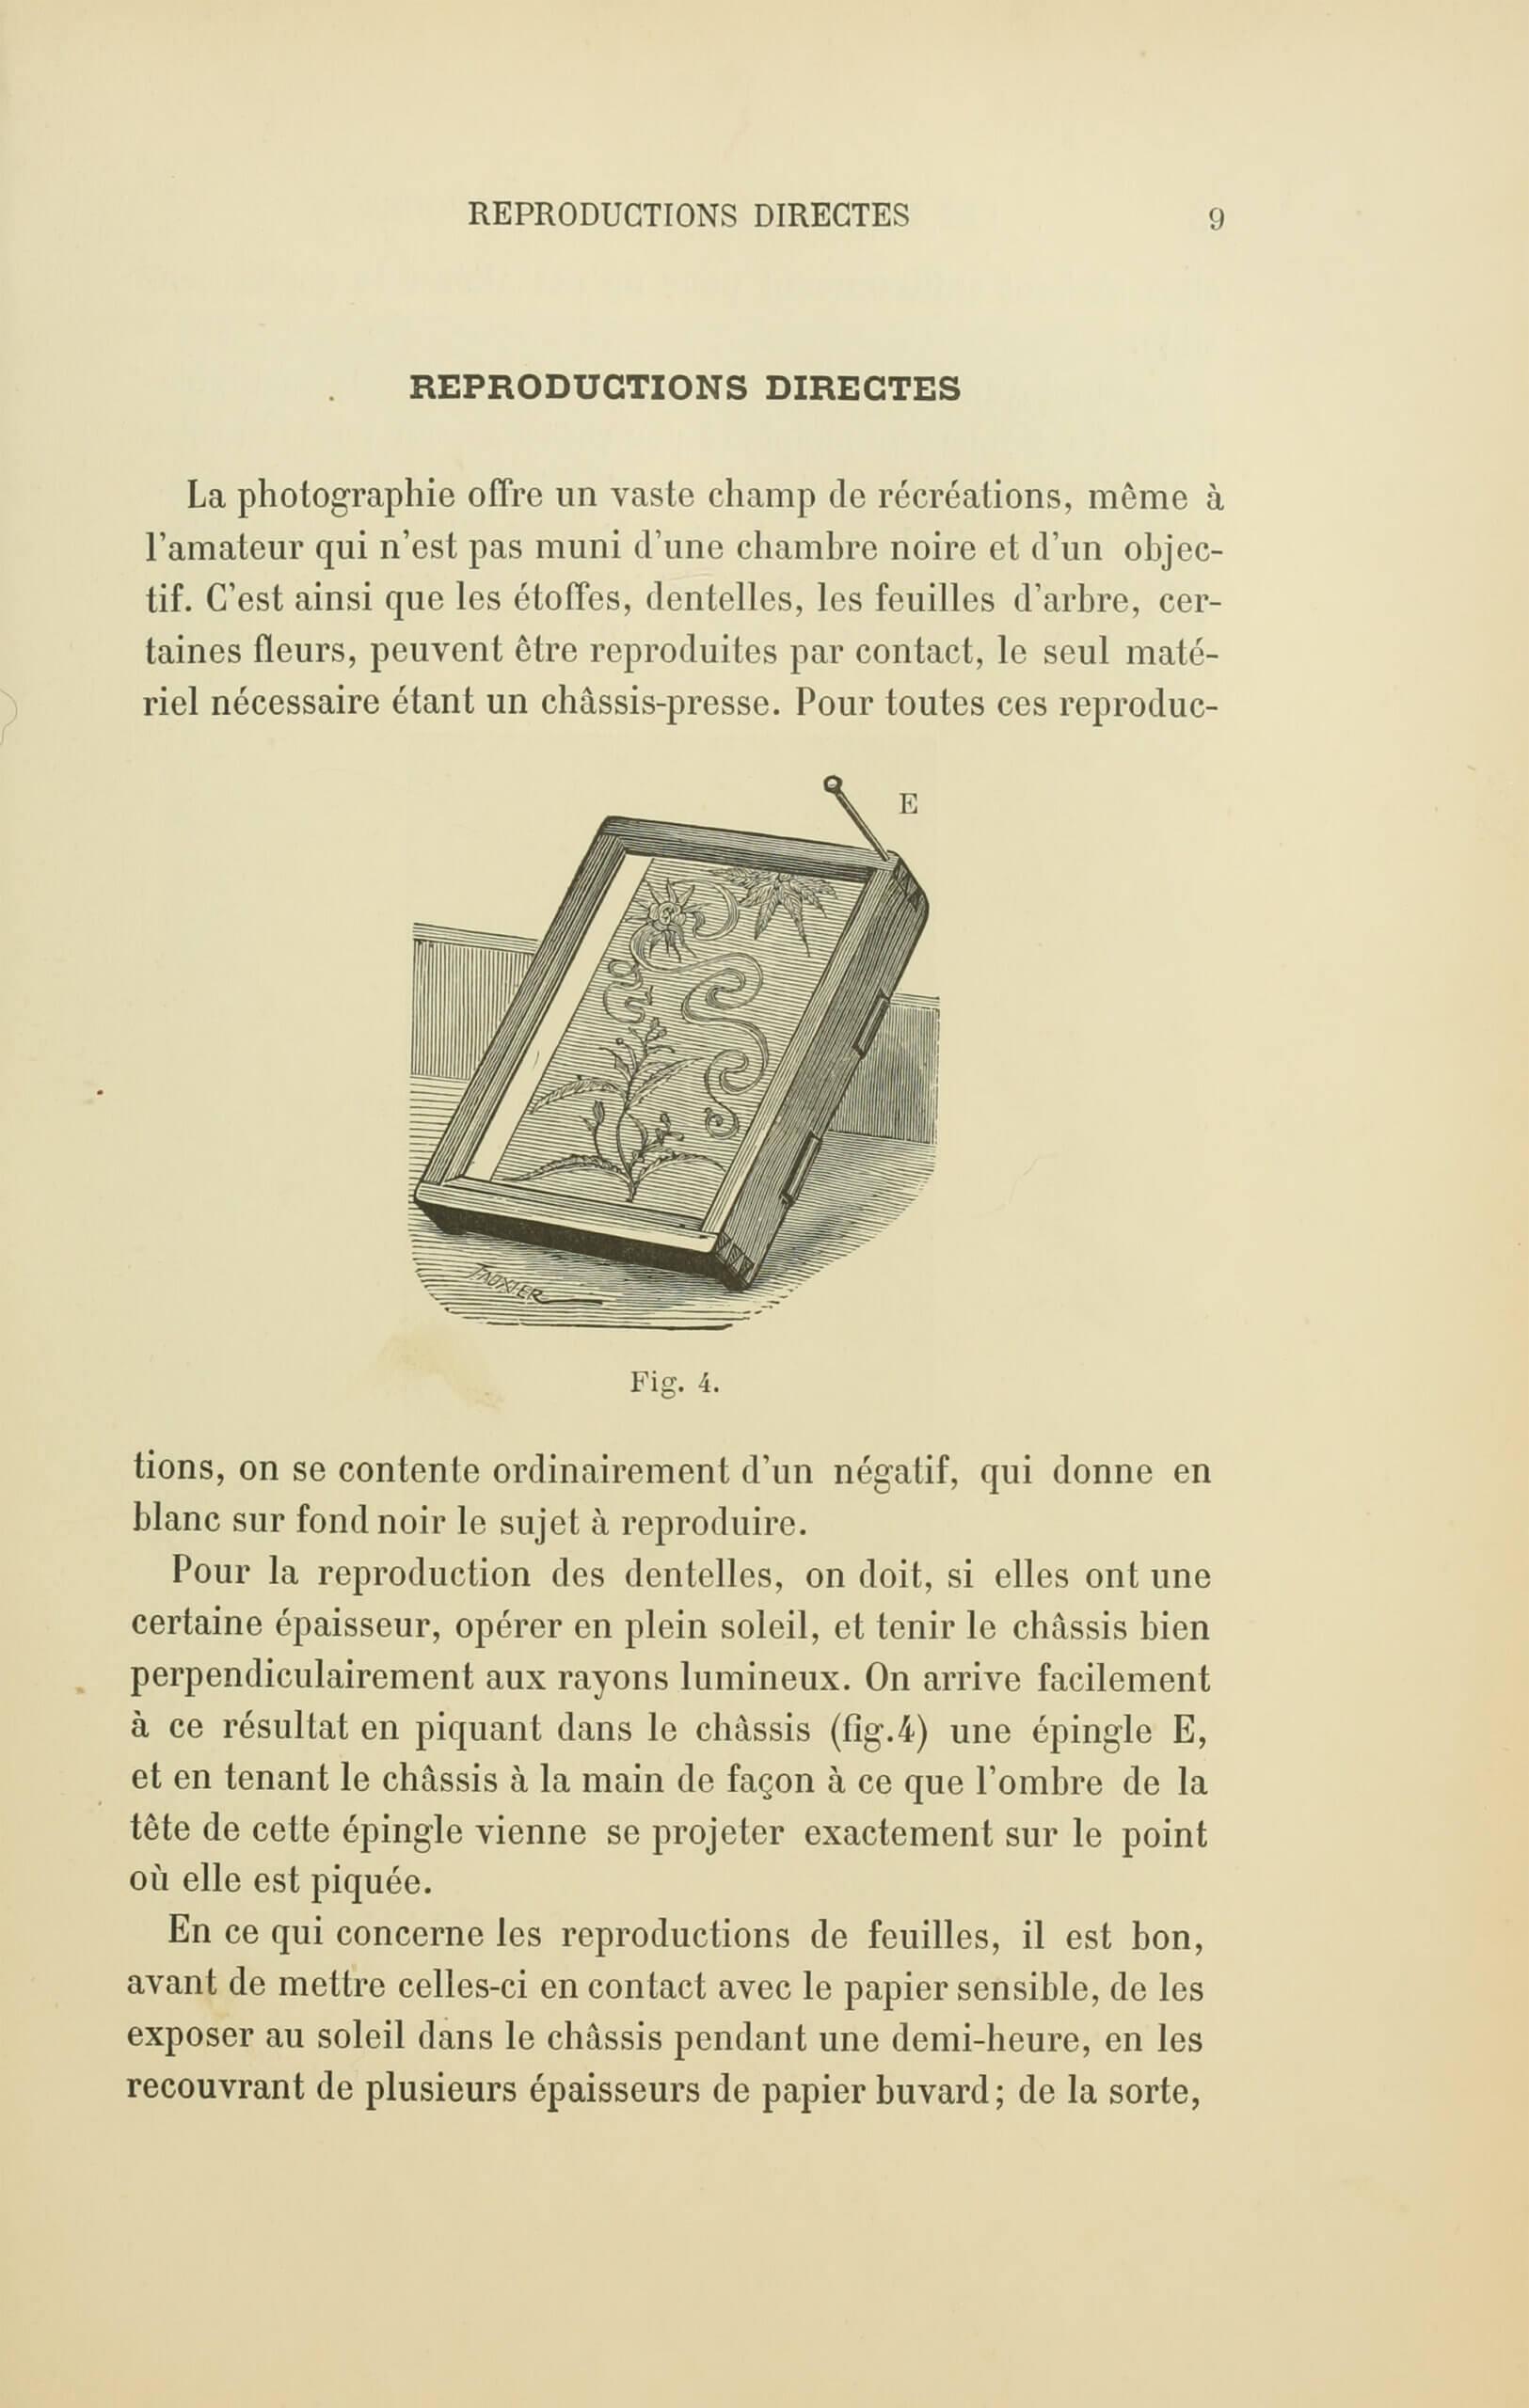 Albert Bergeret et Félix Drouin, «Reproductions directes». <em>Les Récréations photographiques</em>, Paris, Charles Mendel, 1891, p. 9 (Boston Public Library)